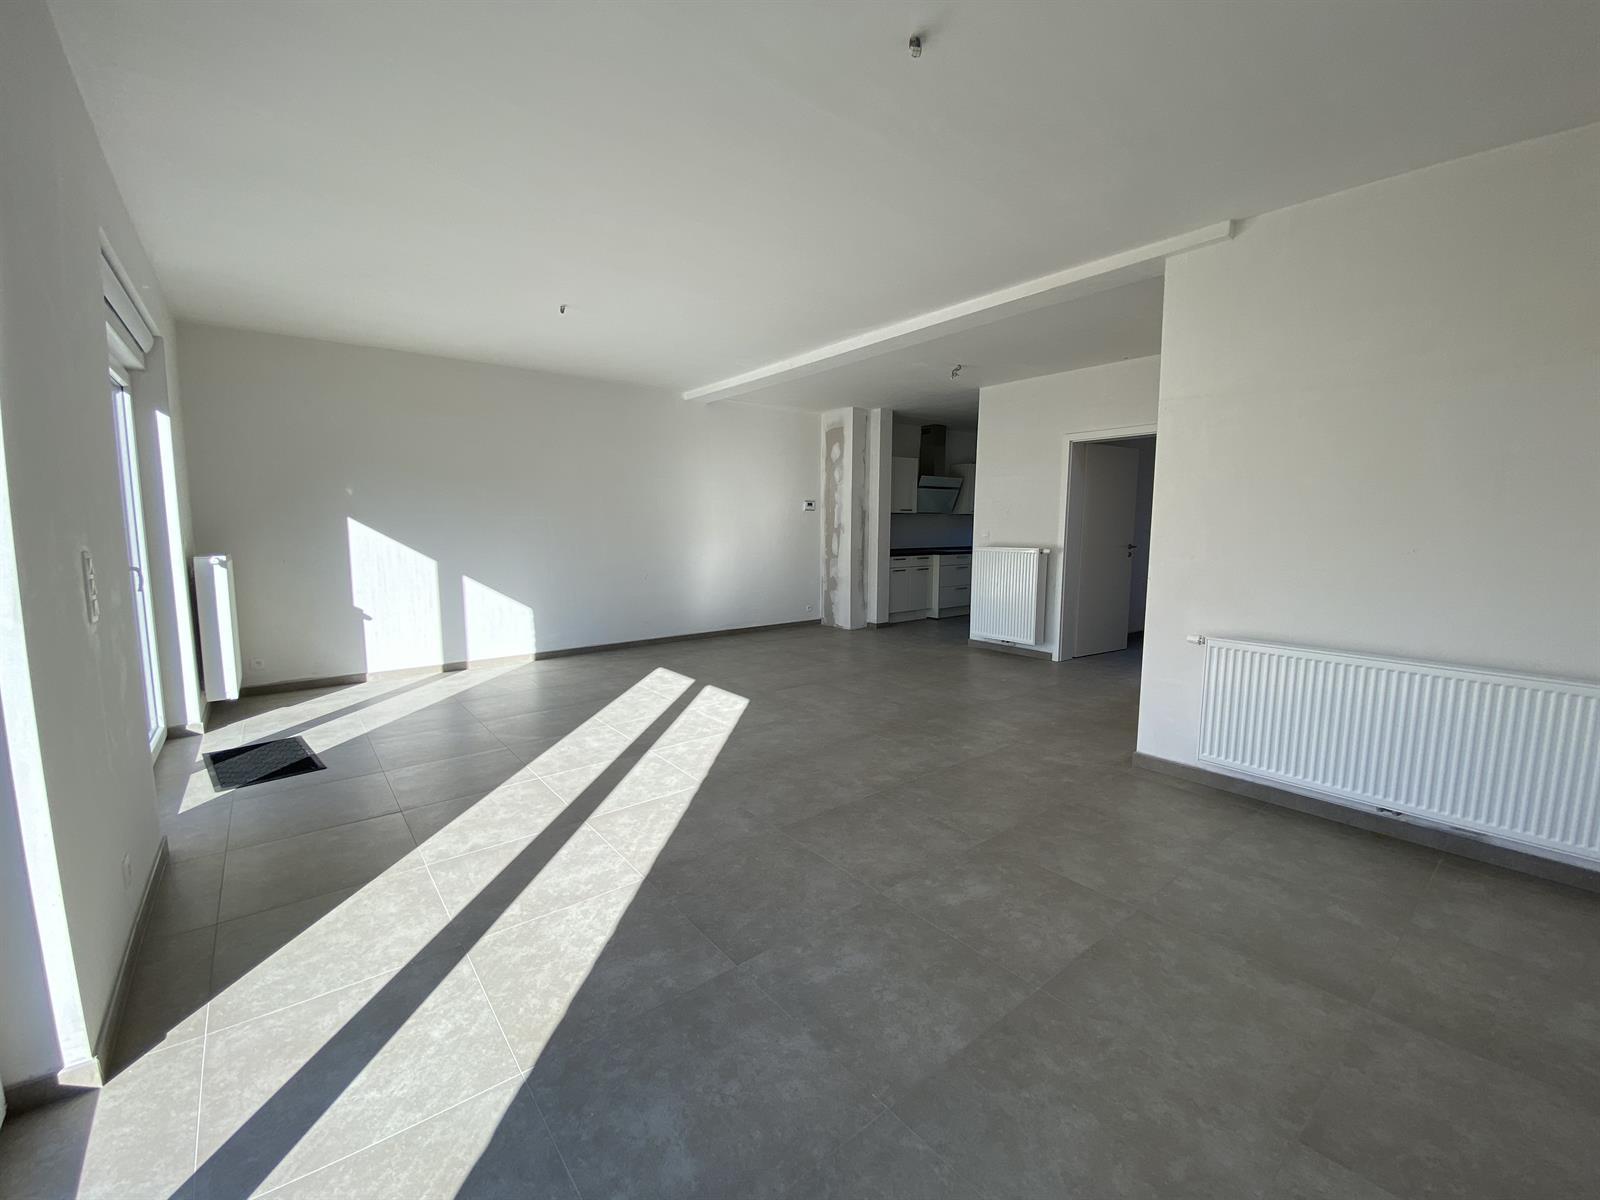 Maison - Waremme - #4002937-23